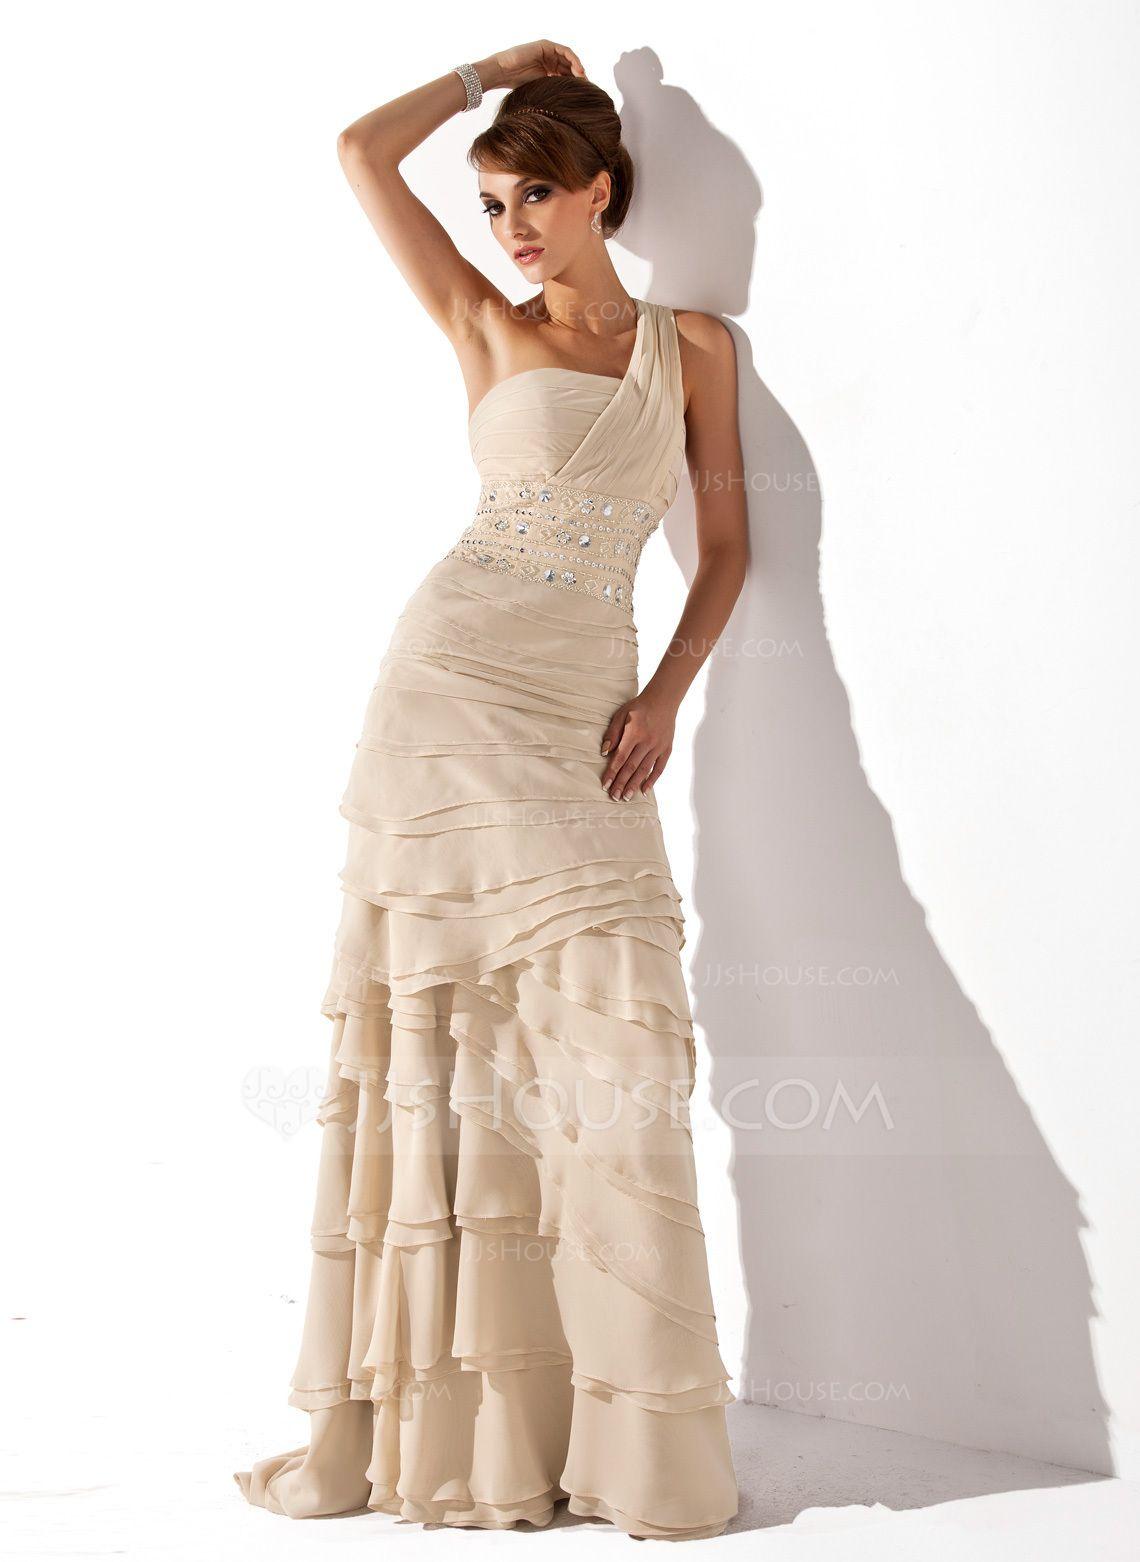 Forme Princesse Encolure asymétrique alayage/Pinceau train Mousseline Robe de mère de la mariée avec Emperler Robe à volants (008006056) - JJsHouse